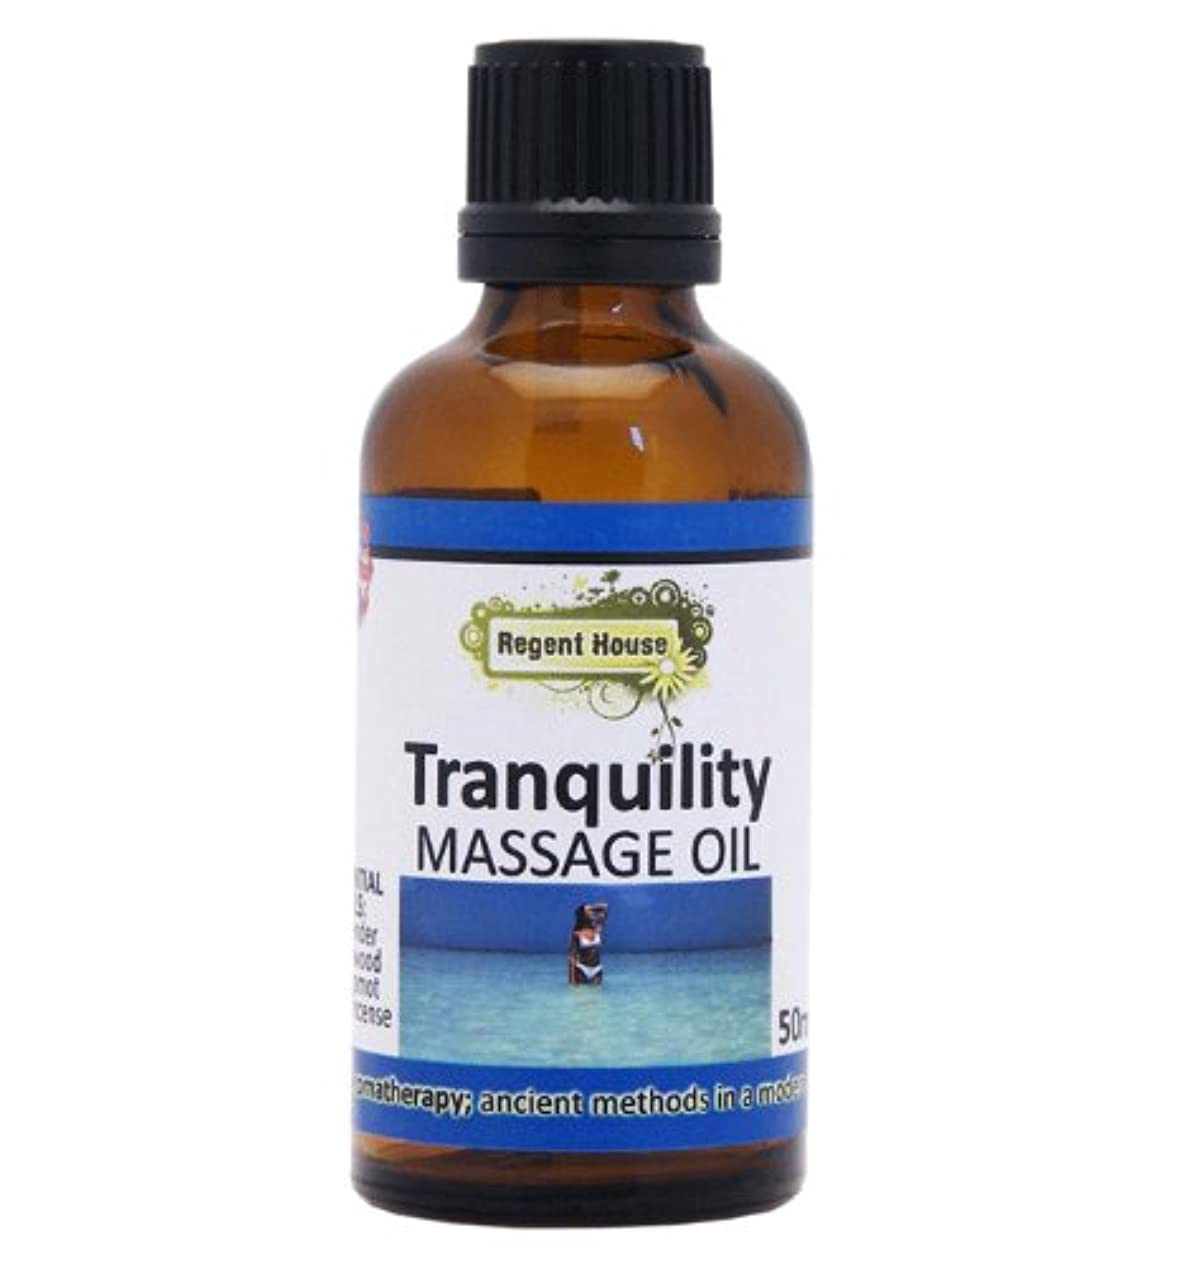 震えアスペクトピアース貴重なローズウッドを、たっぷり配合しました。 アロマ ナチュラル マッサージオイル 50ml トランキュリティー(Aroma Massage Oil Tranqulity)